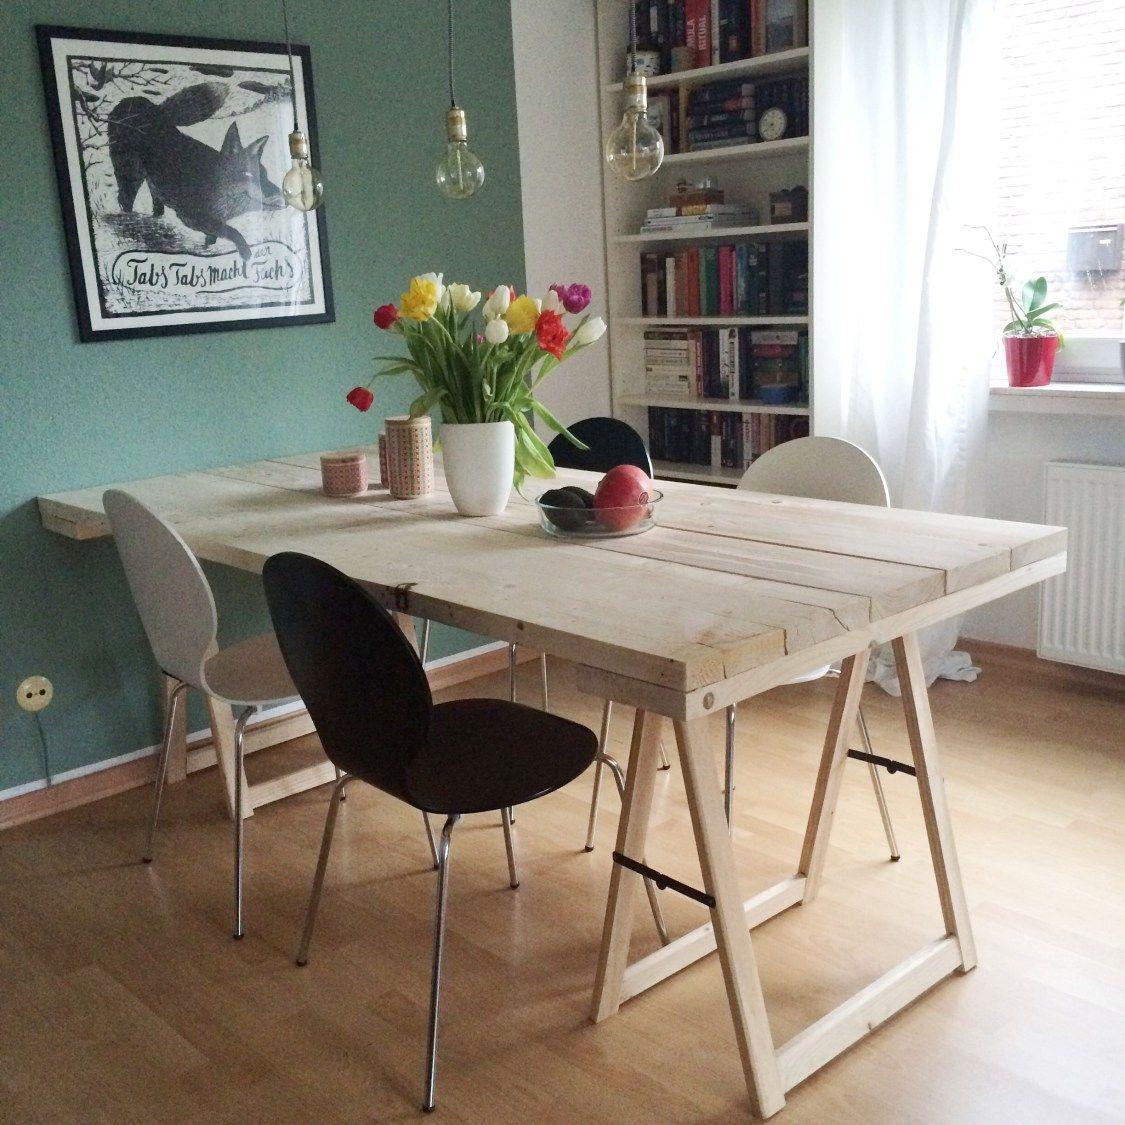 Diy Projekt Ein Tisch Aus Baudielen Theo Und Zausel Baudielen Diy Mobel Tisch Dekor